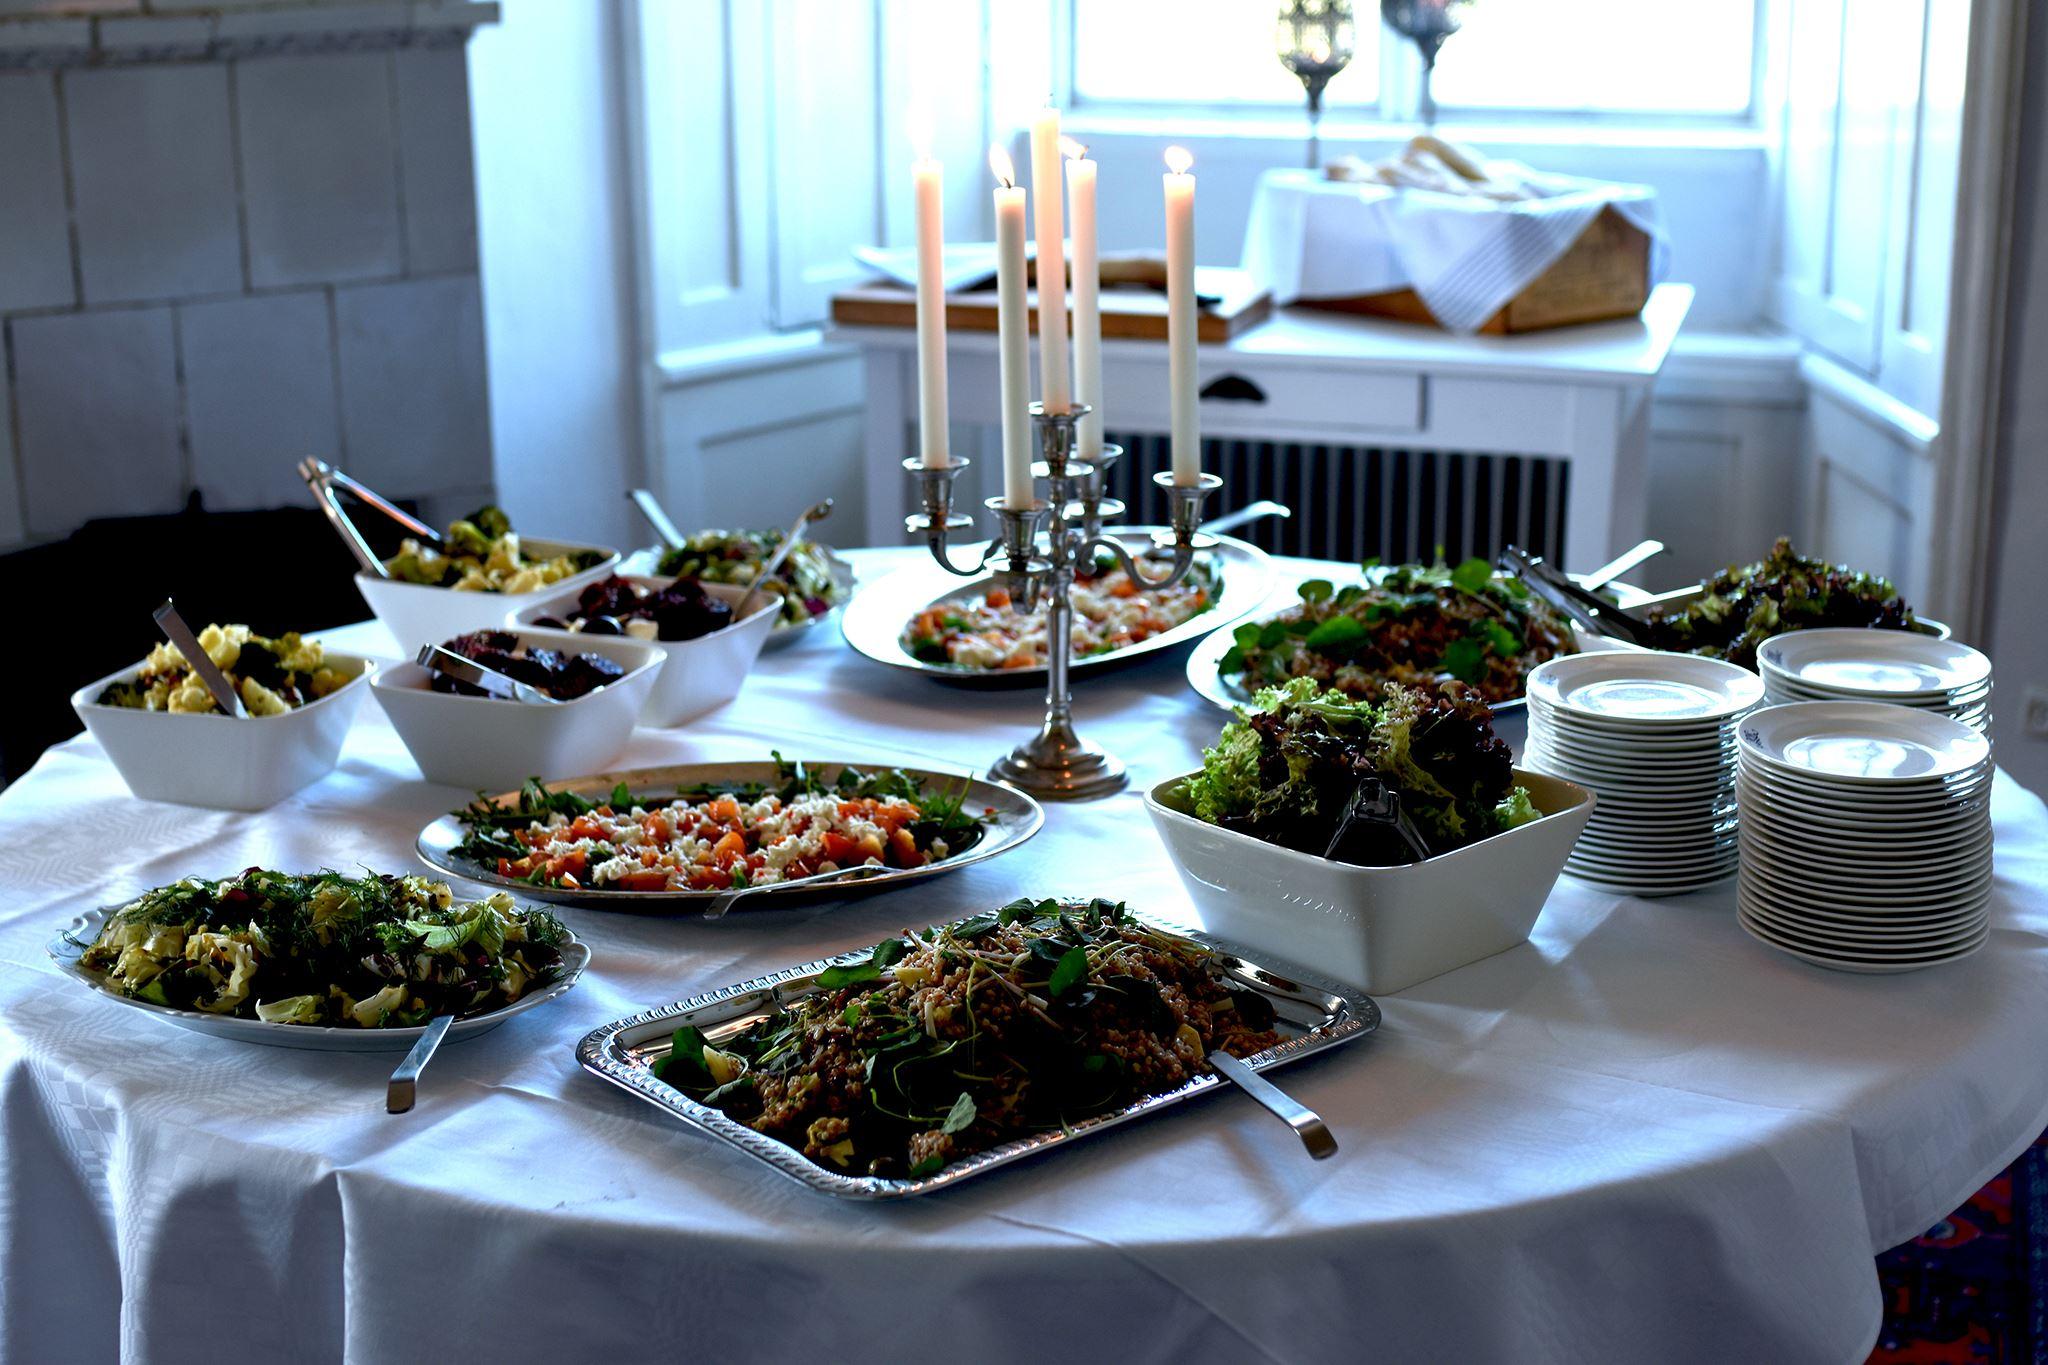 Svaneholms Slottsrestaurang